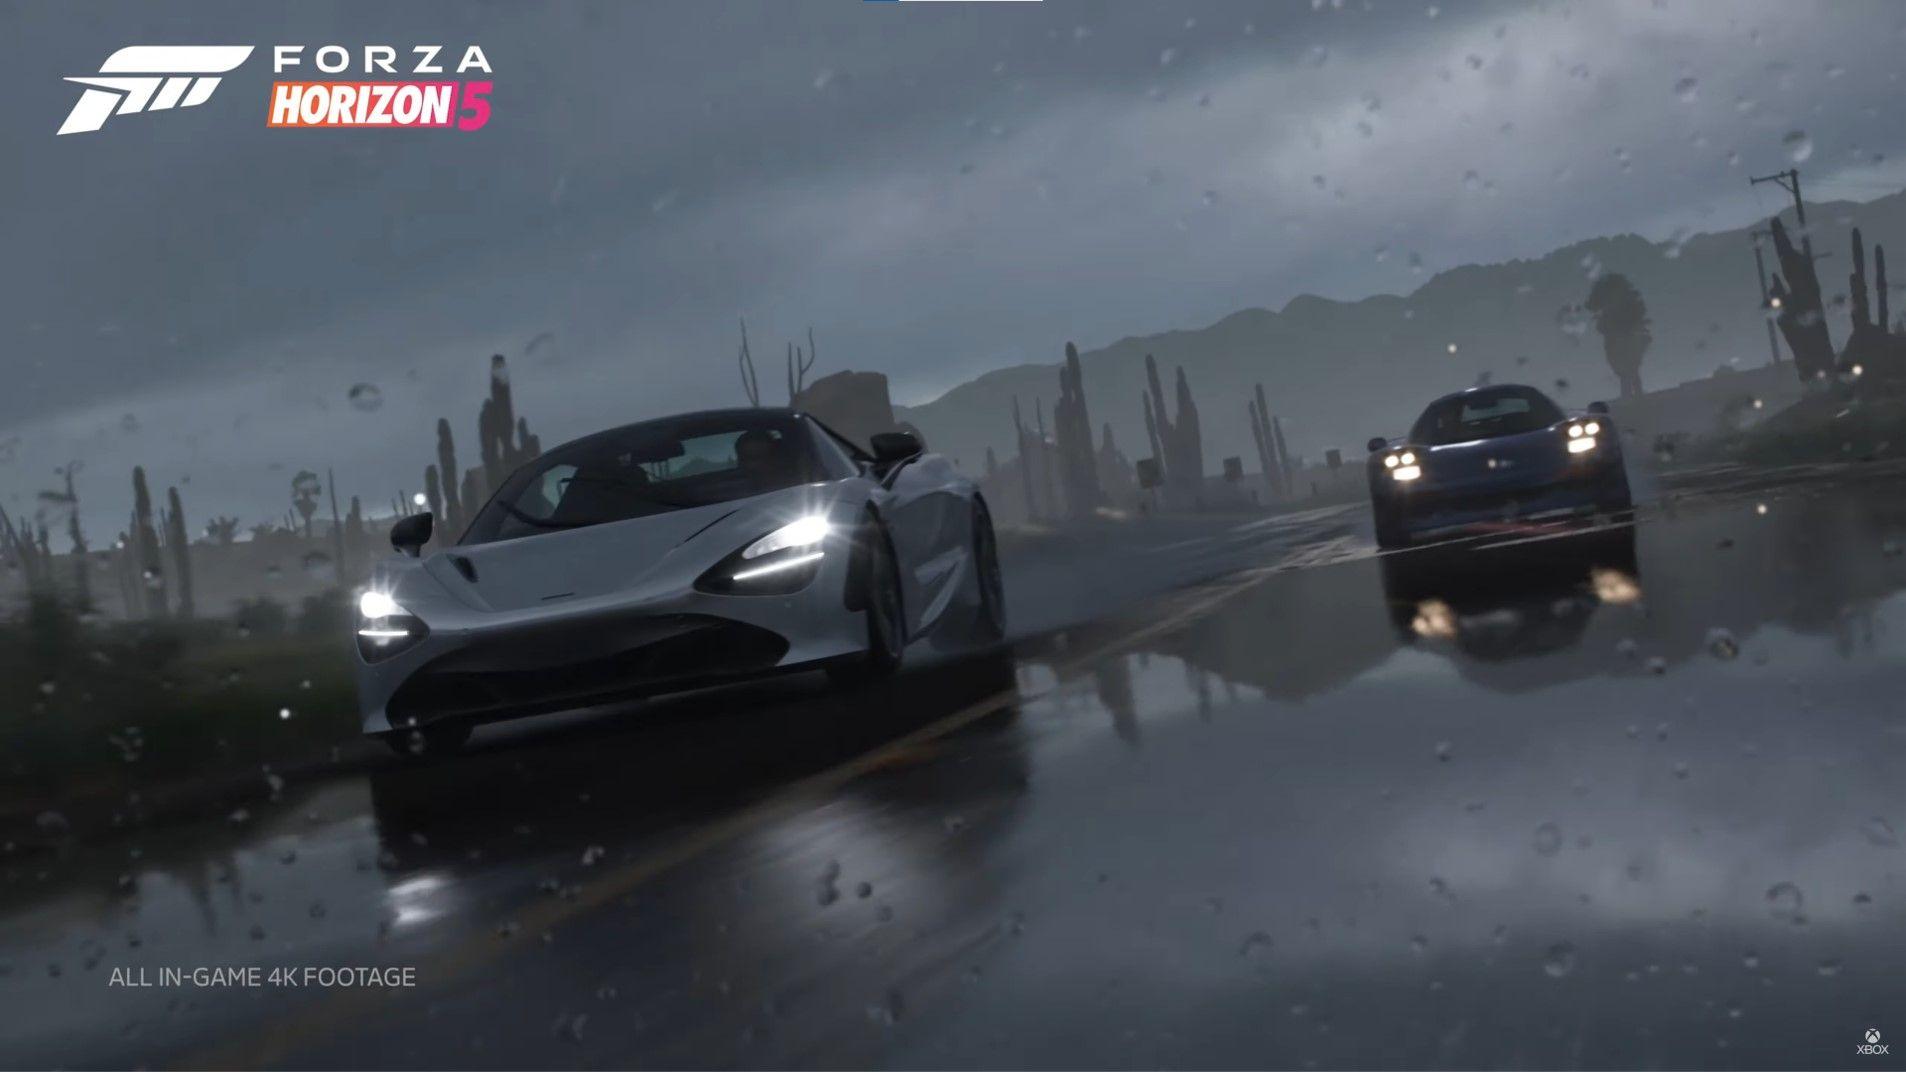 Os Gráficos do Forza Horizon 5 no Xbox Series X São Lindos 1